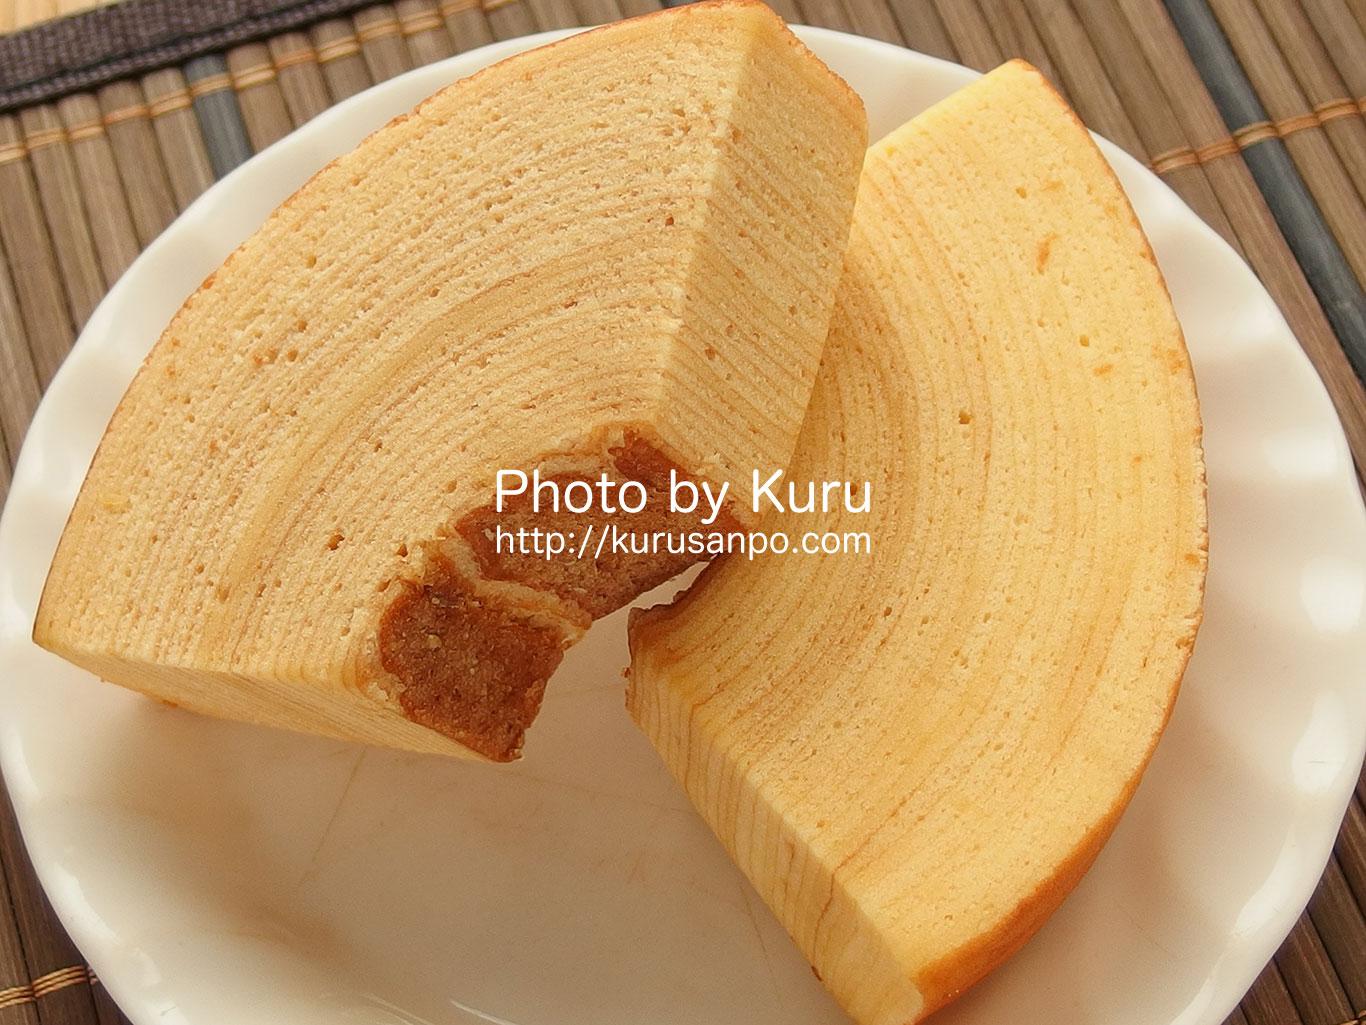 神戸本山のバームクーヘン専門店『マルタンマルタン』のバームクーヘンが美味しくて幸せ♪